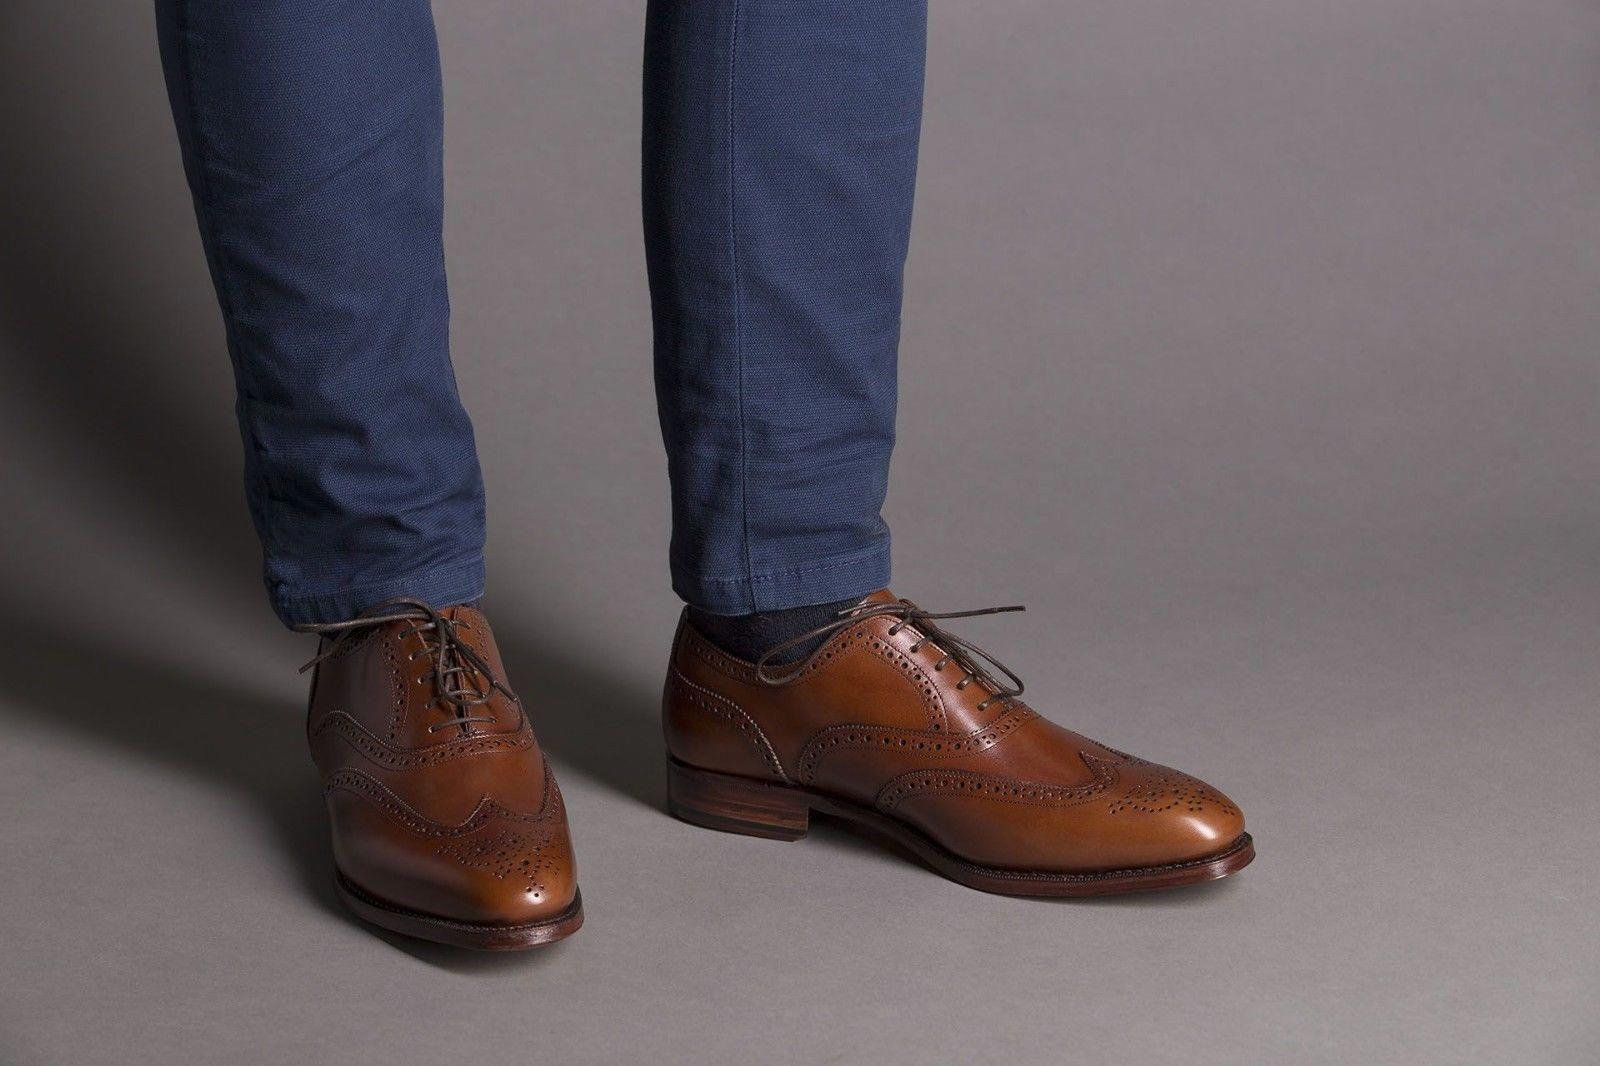 reebok formal shoes price